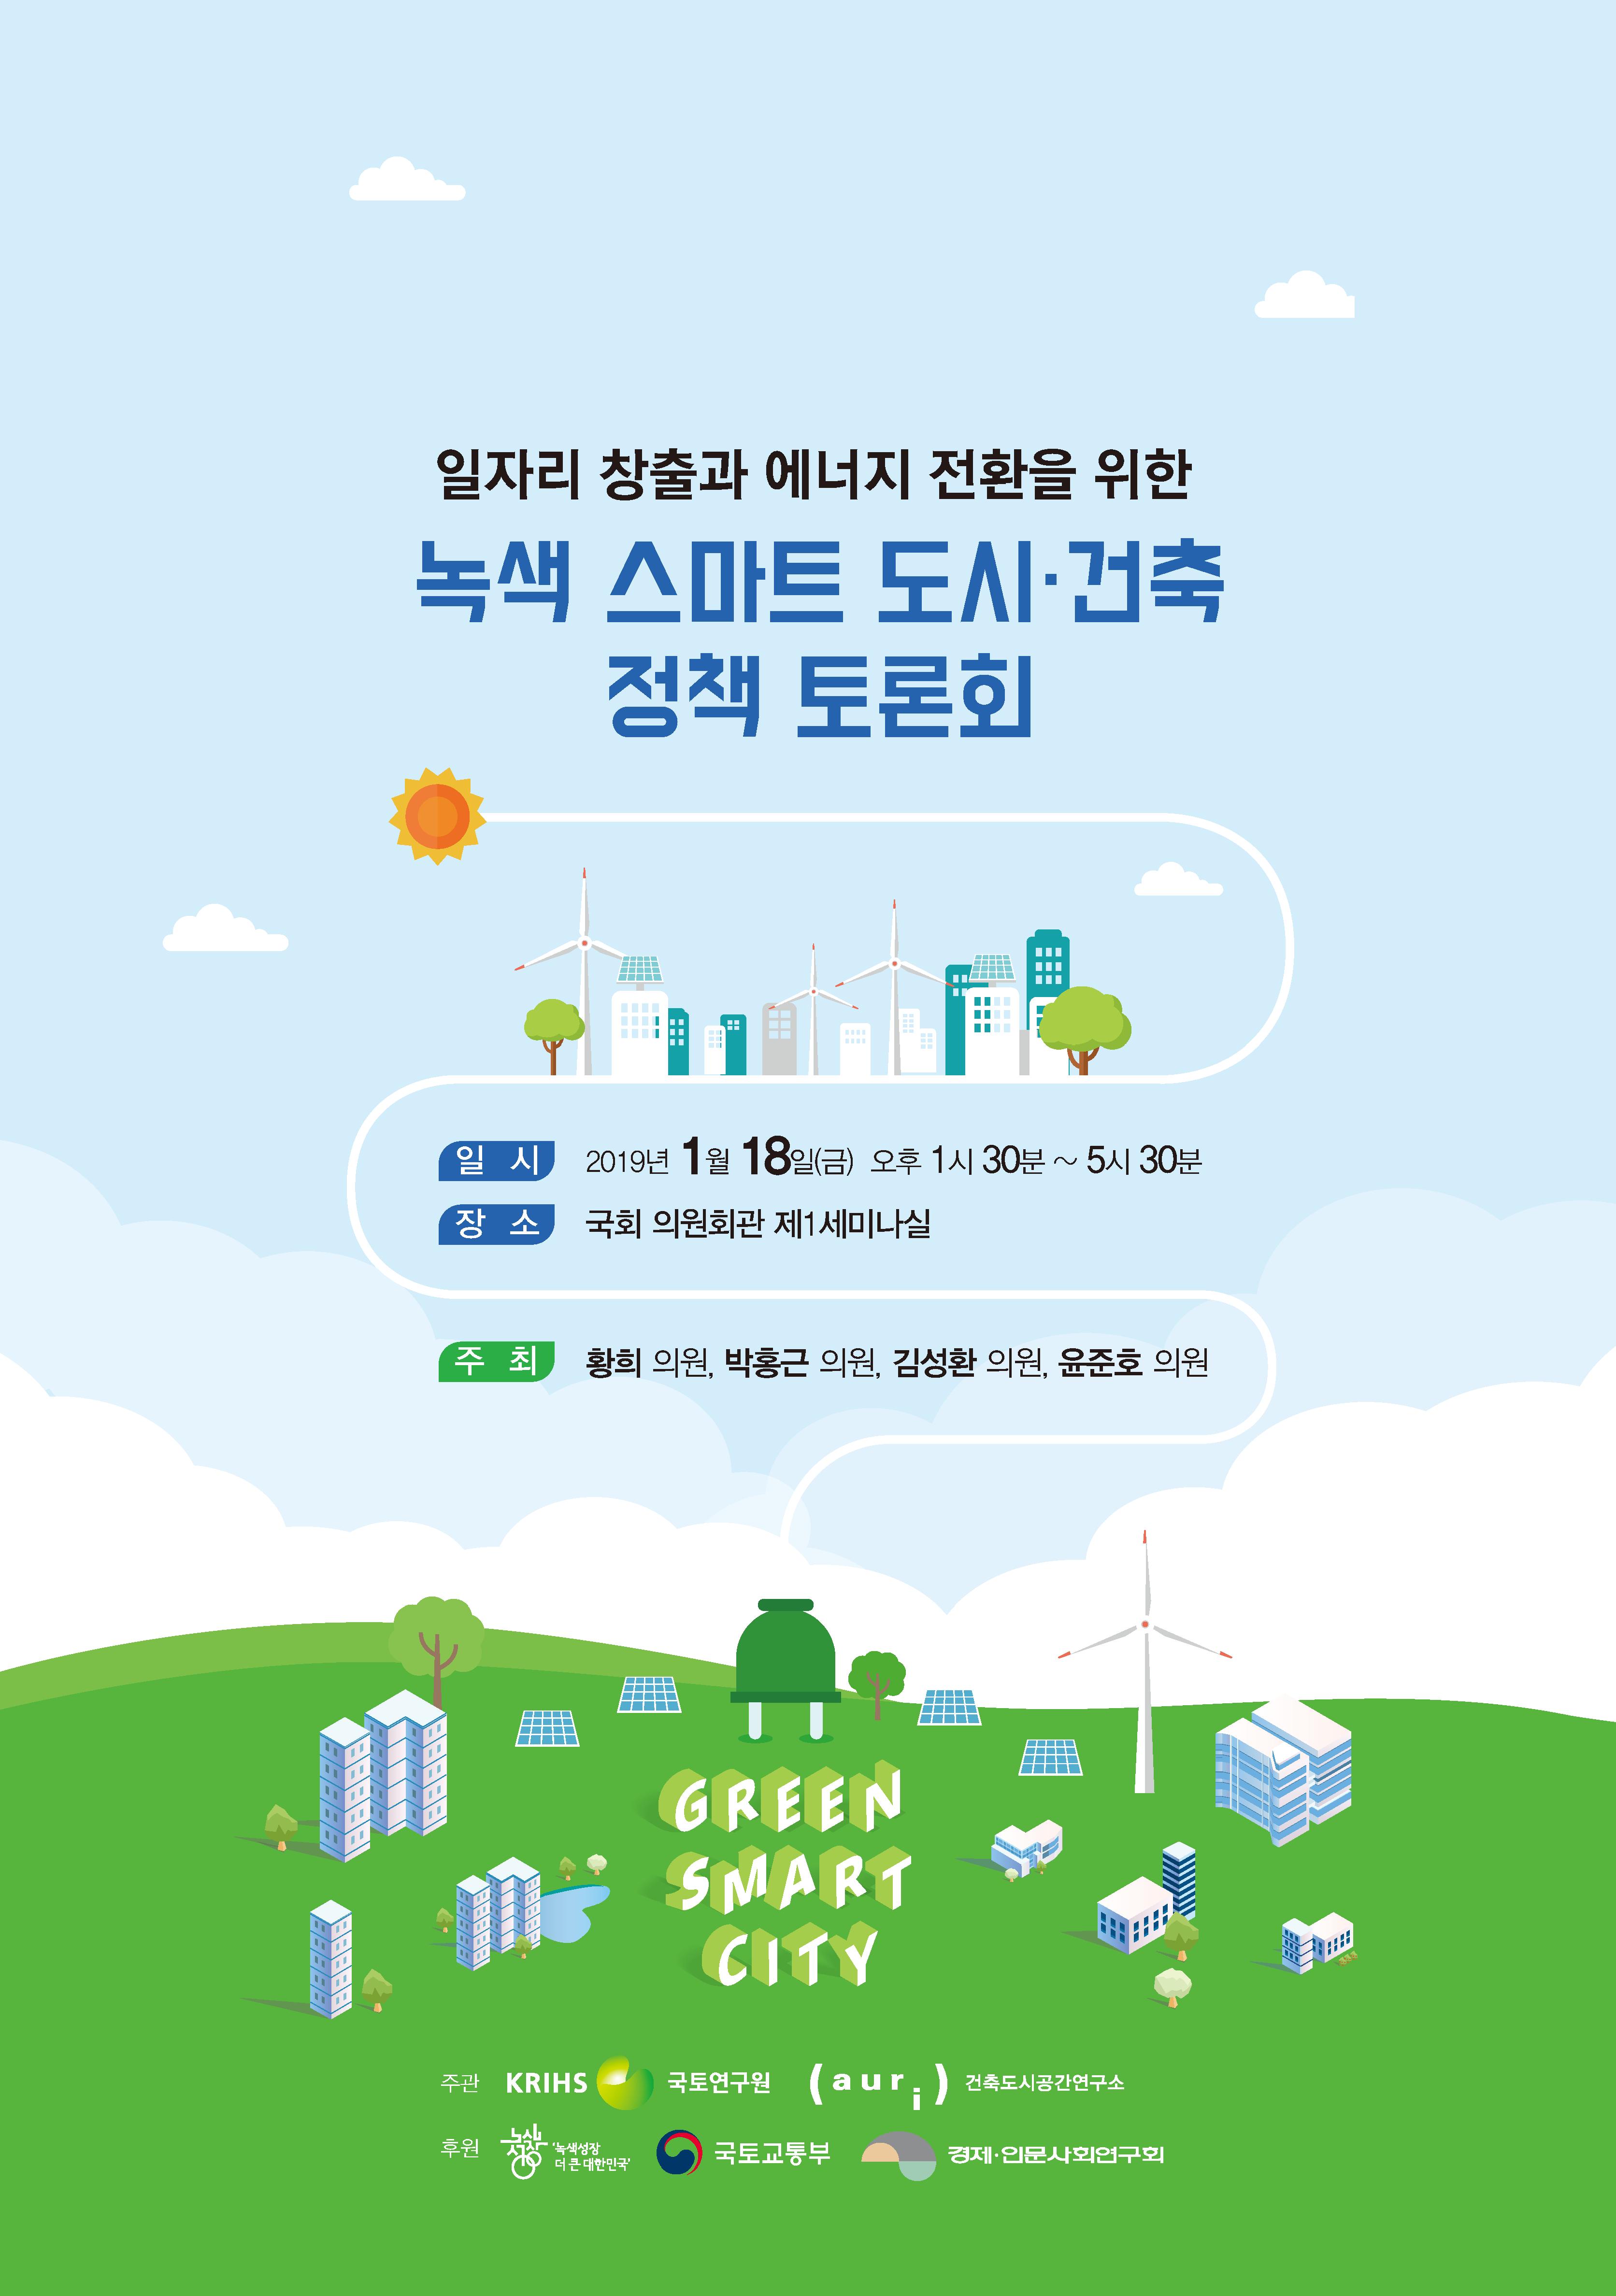 일자리 창출과 에너지 전환을 위한 '녹색 스마트 도시·건축 정책 토론회'표지